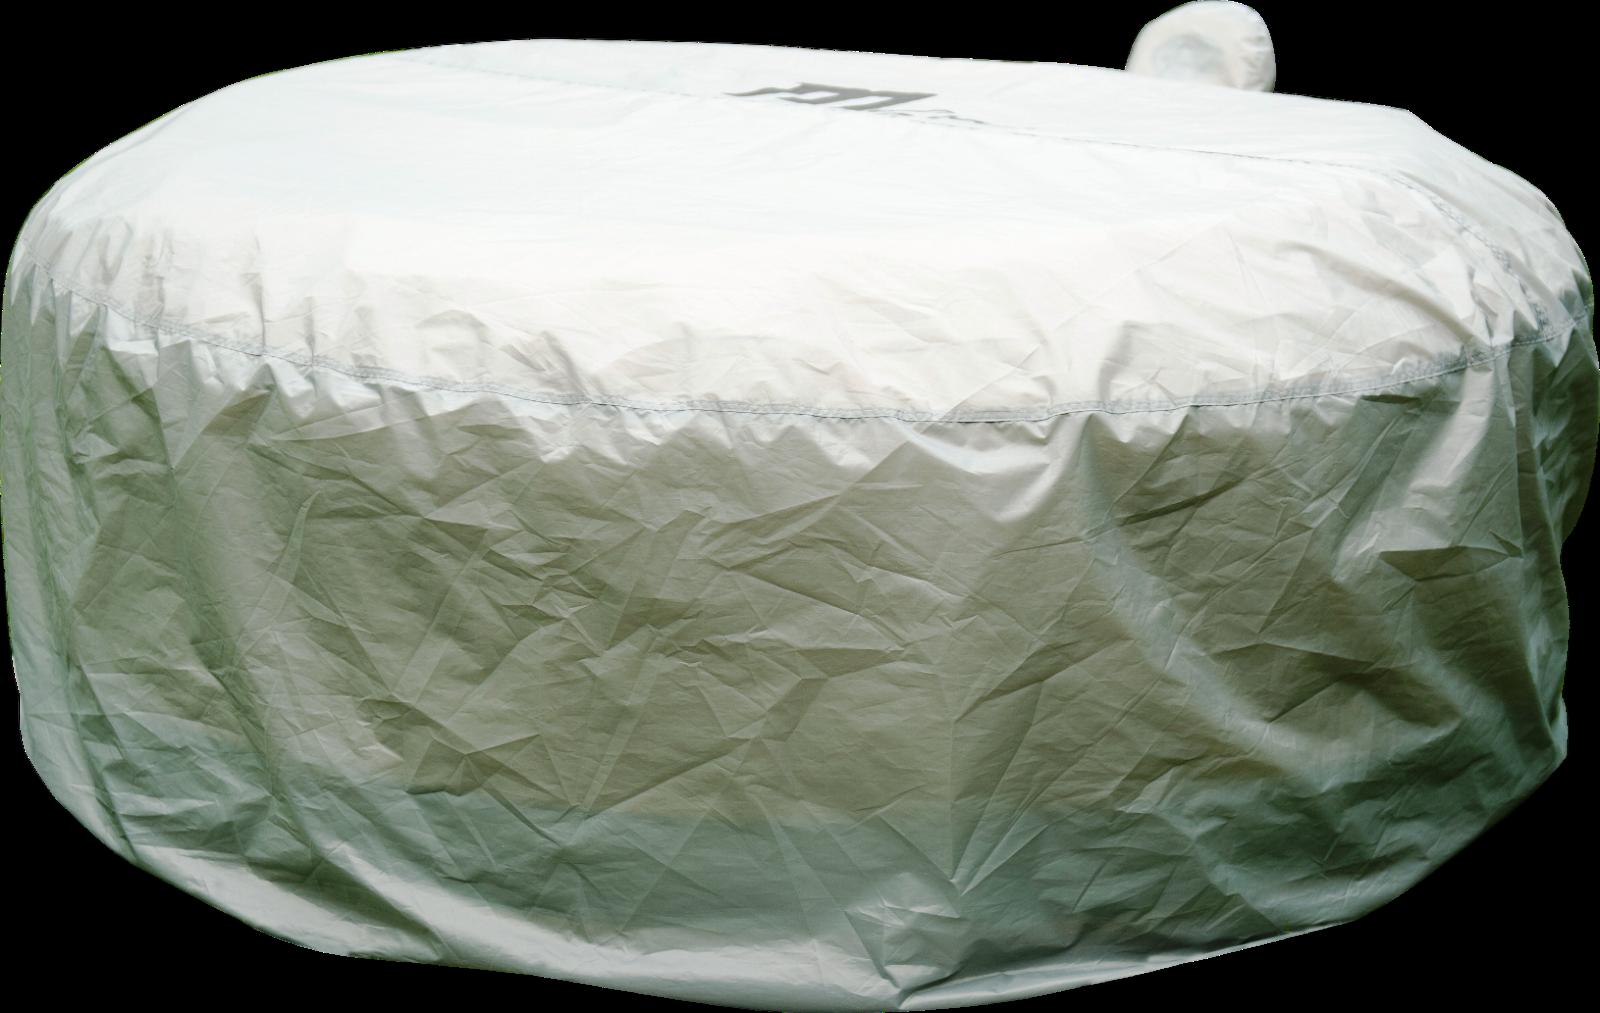 MSpa Abdeck-Cover 215 x 70 cm (für 6 Personen - runder Pool)